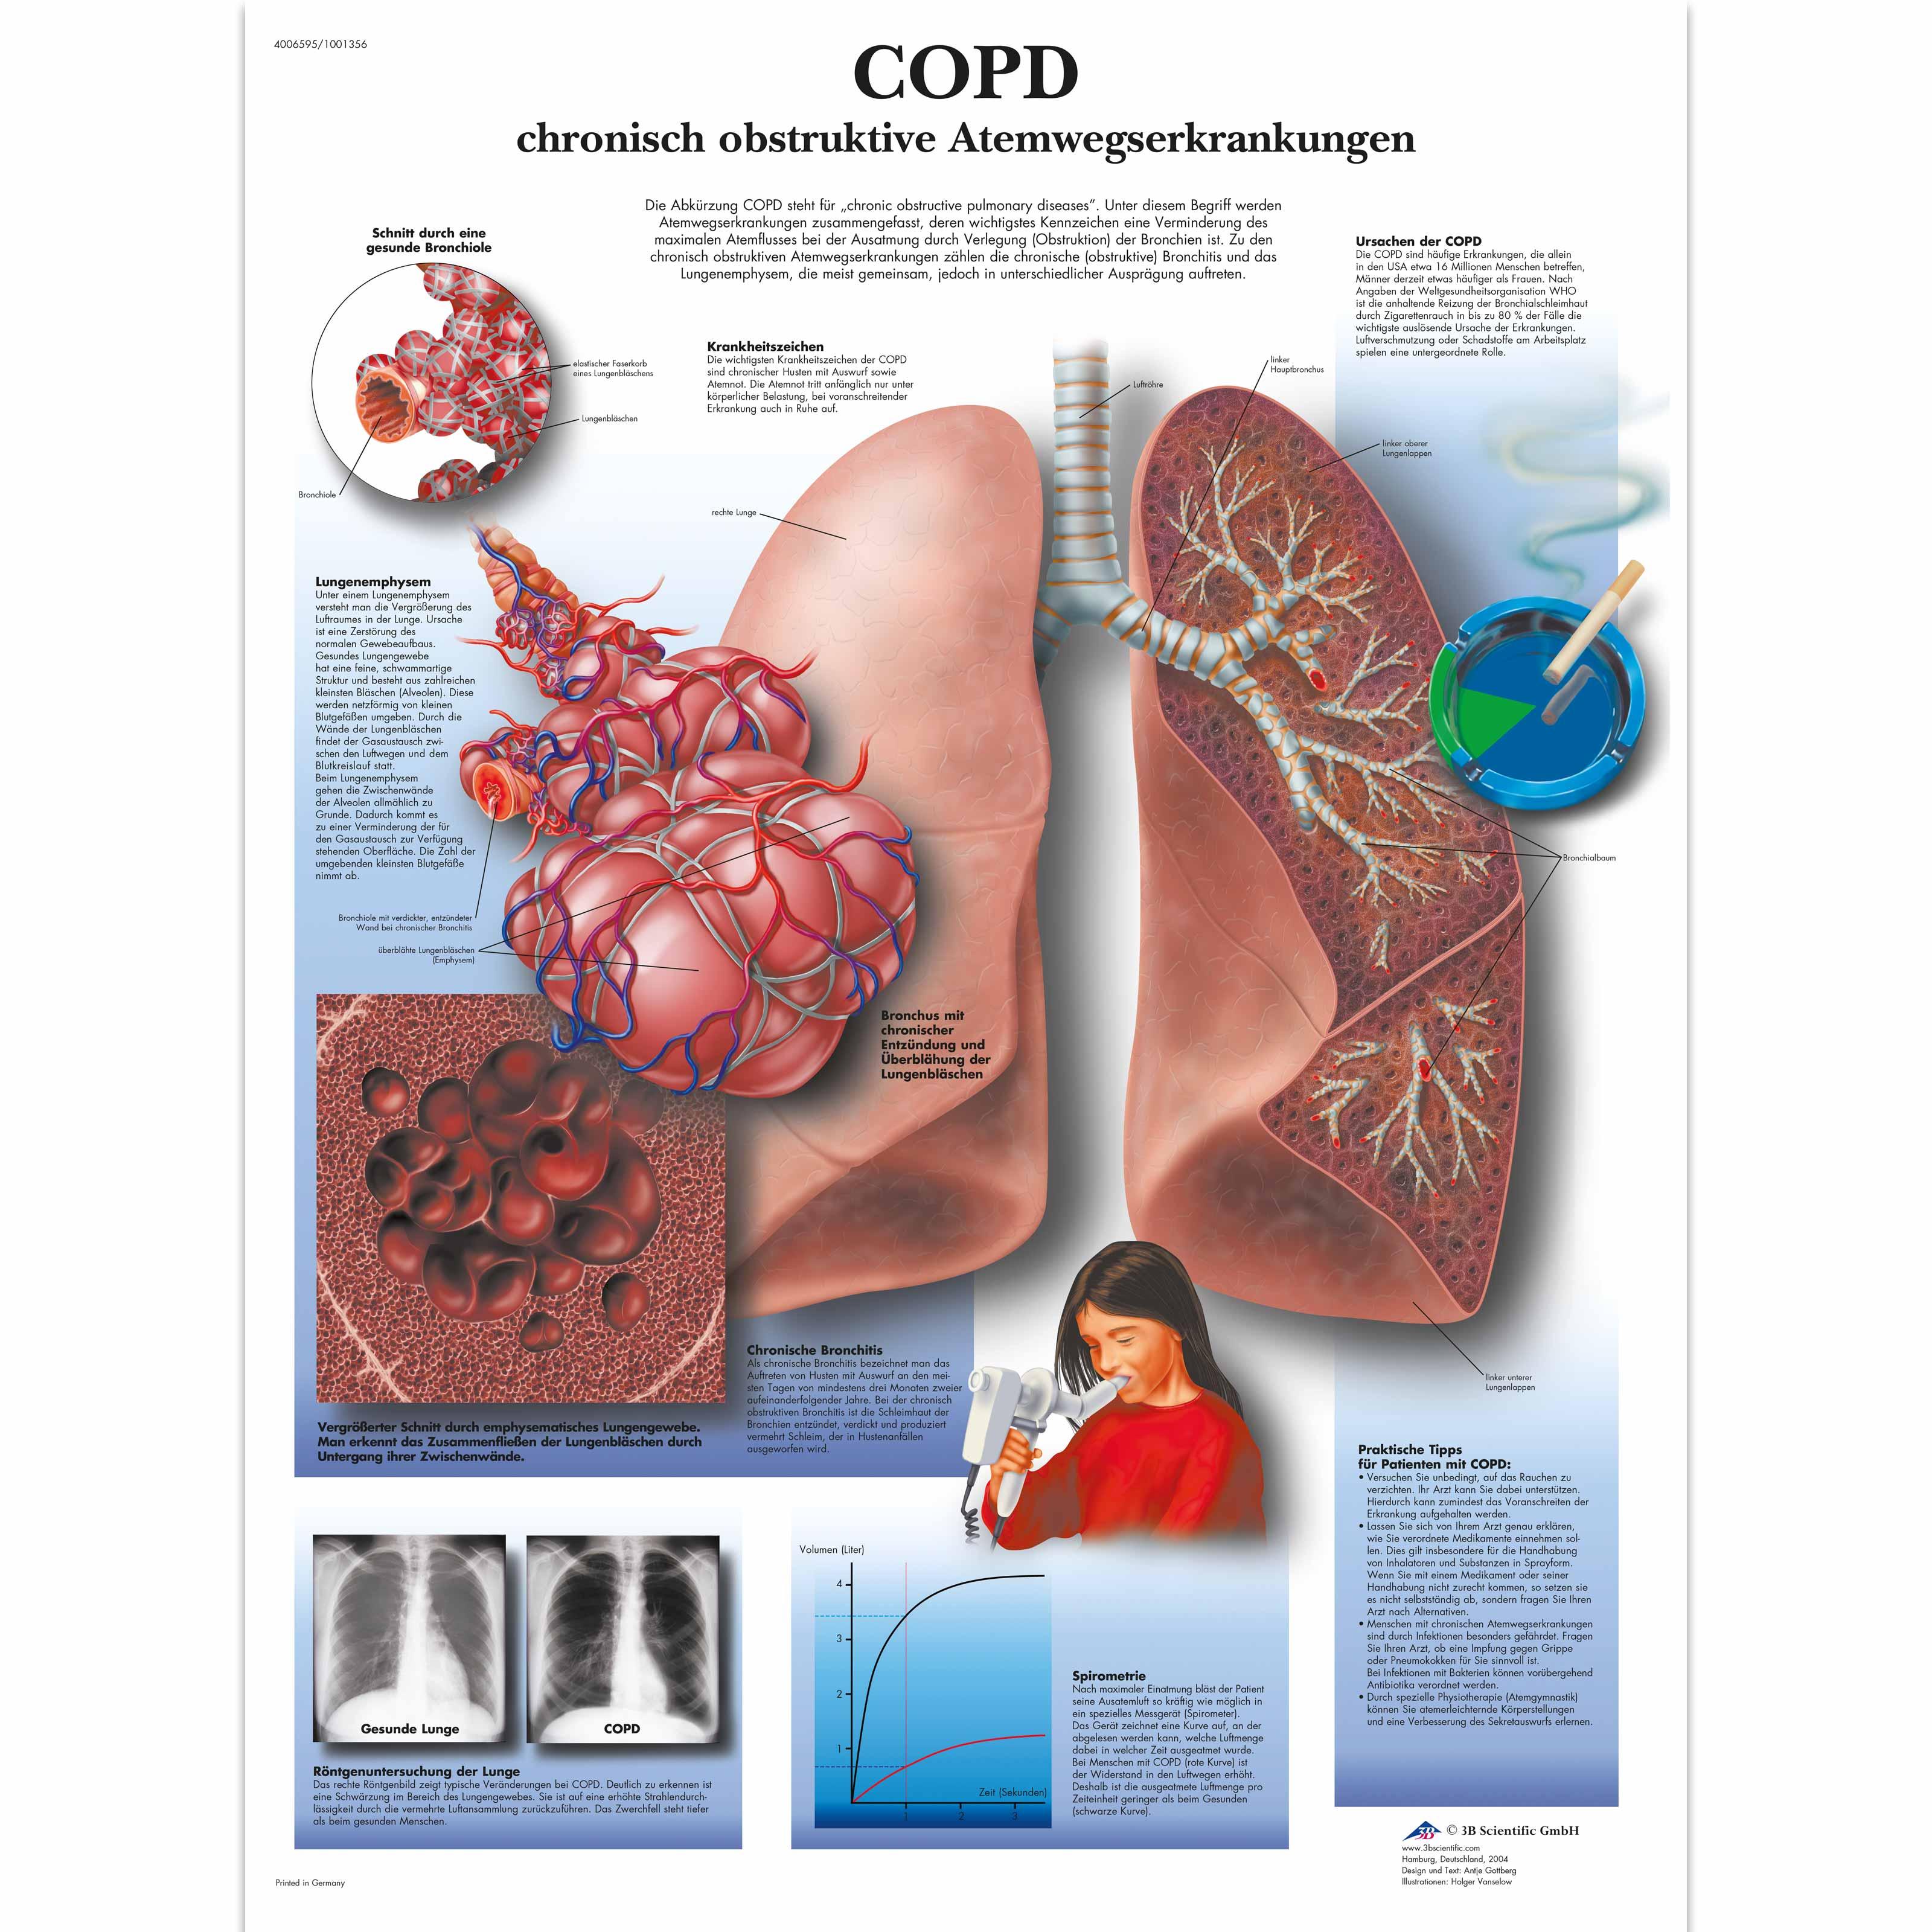 Lehrtafel - COPD chronisch obstruktive Atemwegserkrankungen ...